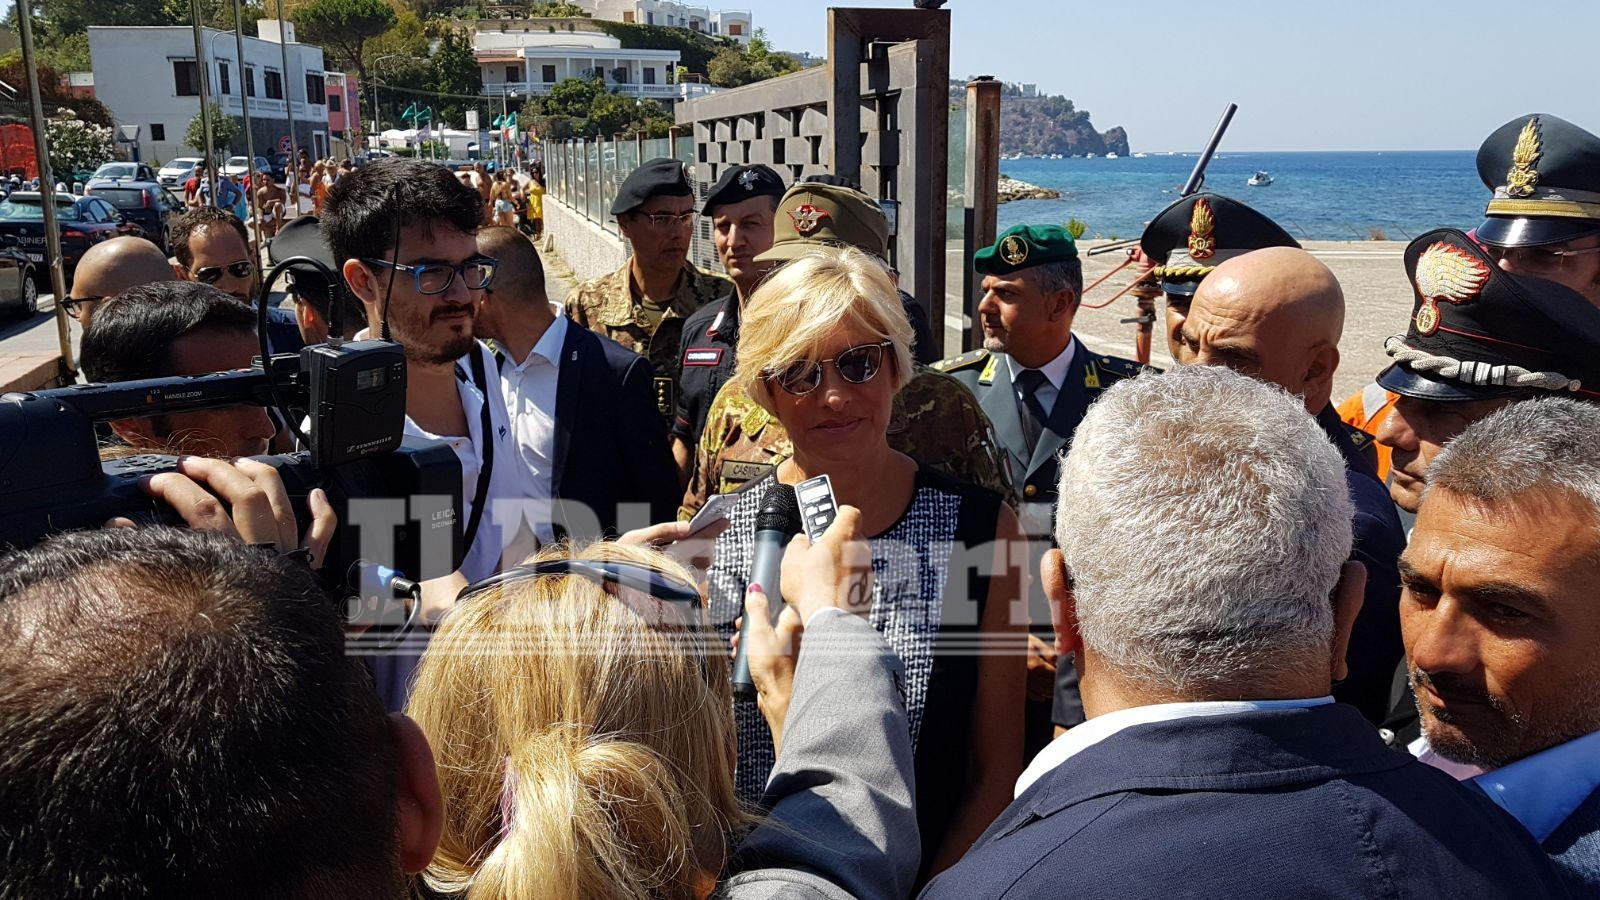 Terremoto Ischia: il ministro Pinotti visita i bambini estratti dalle macerie